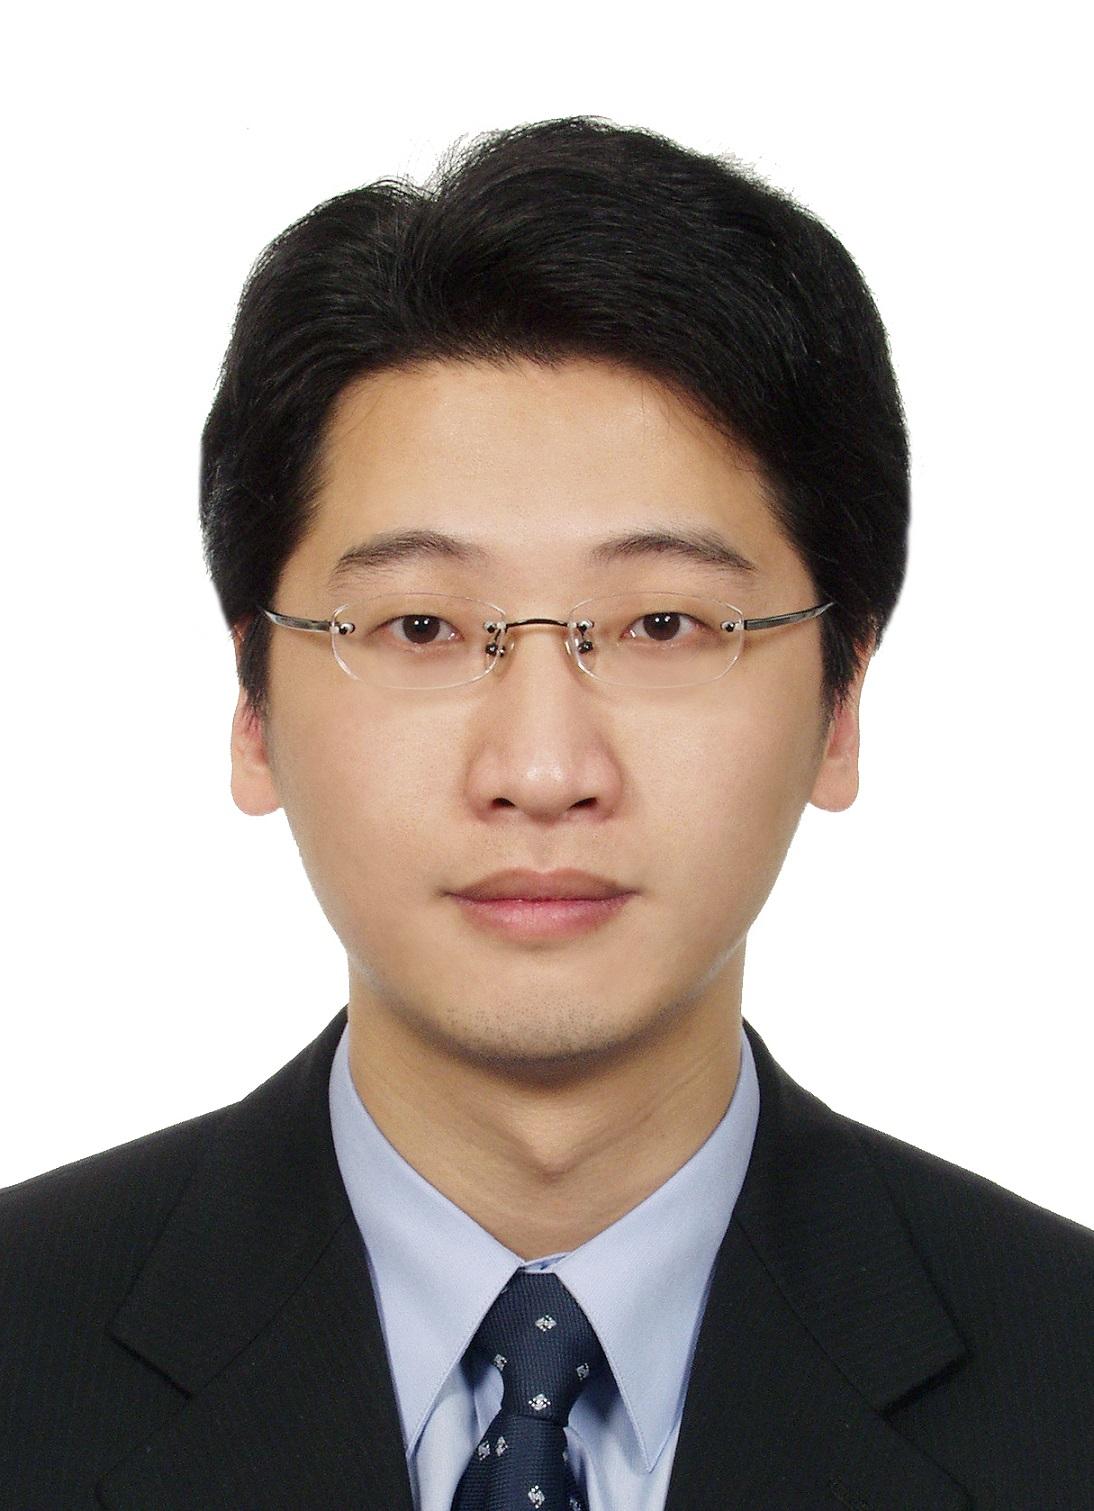 郭偉政-期貨分析師照片